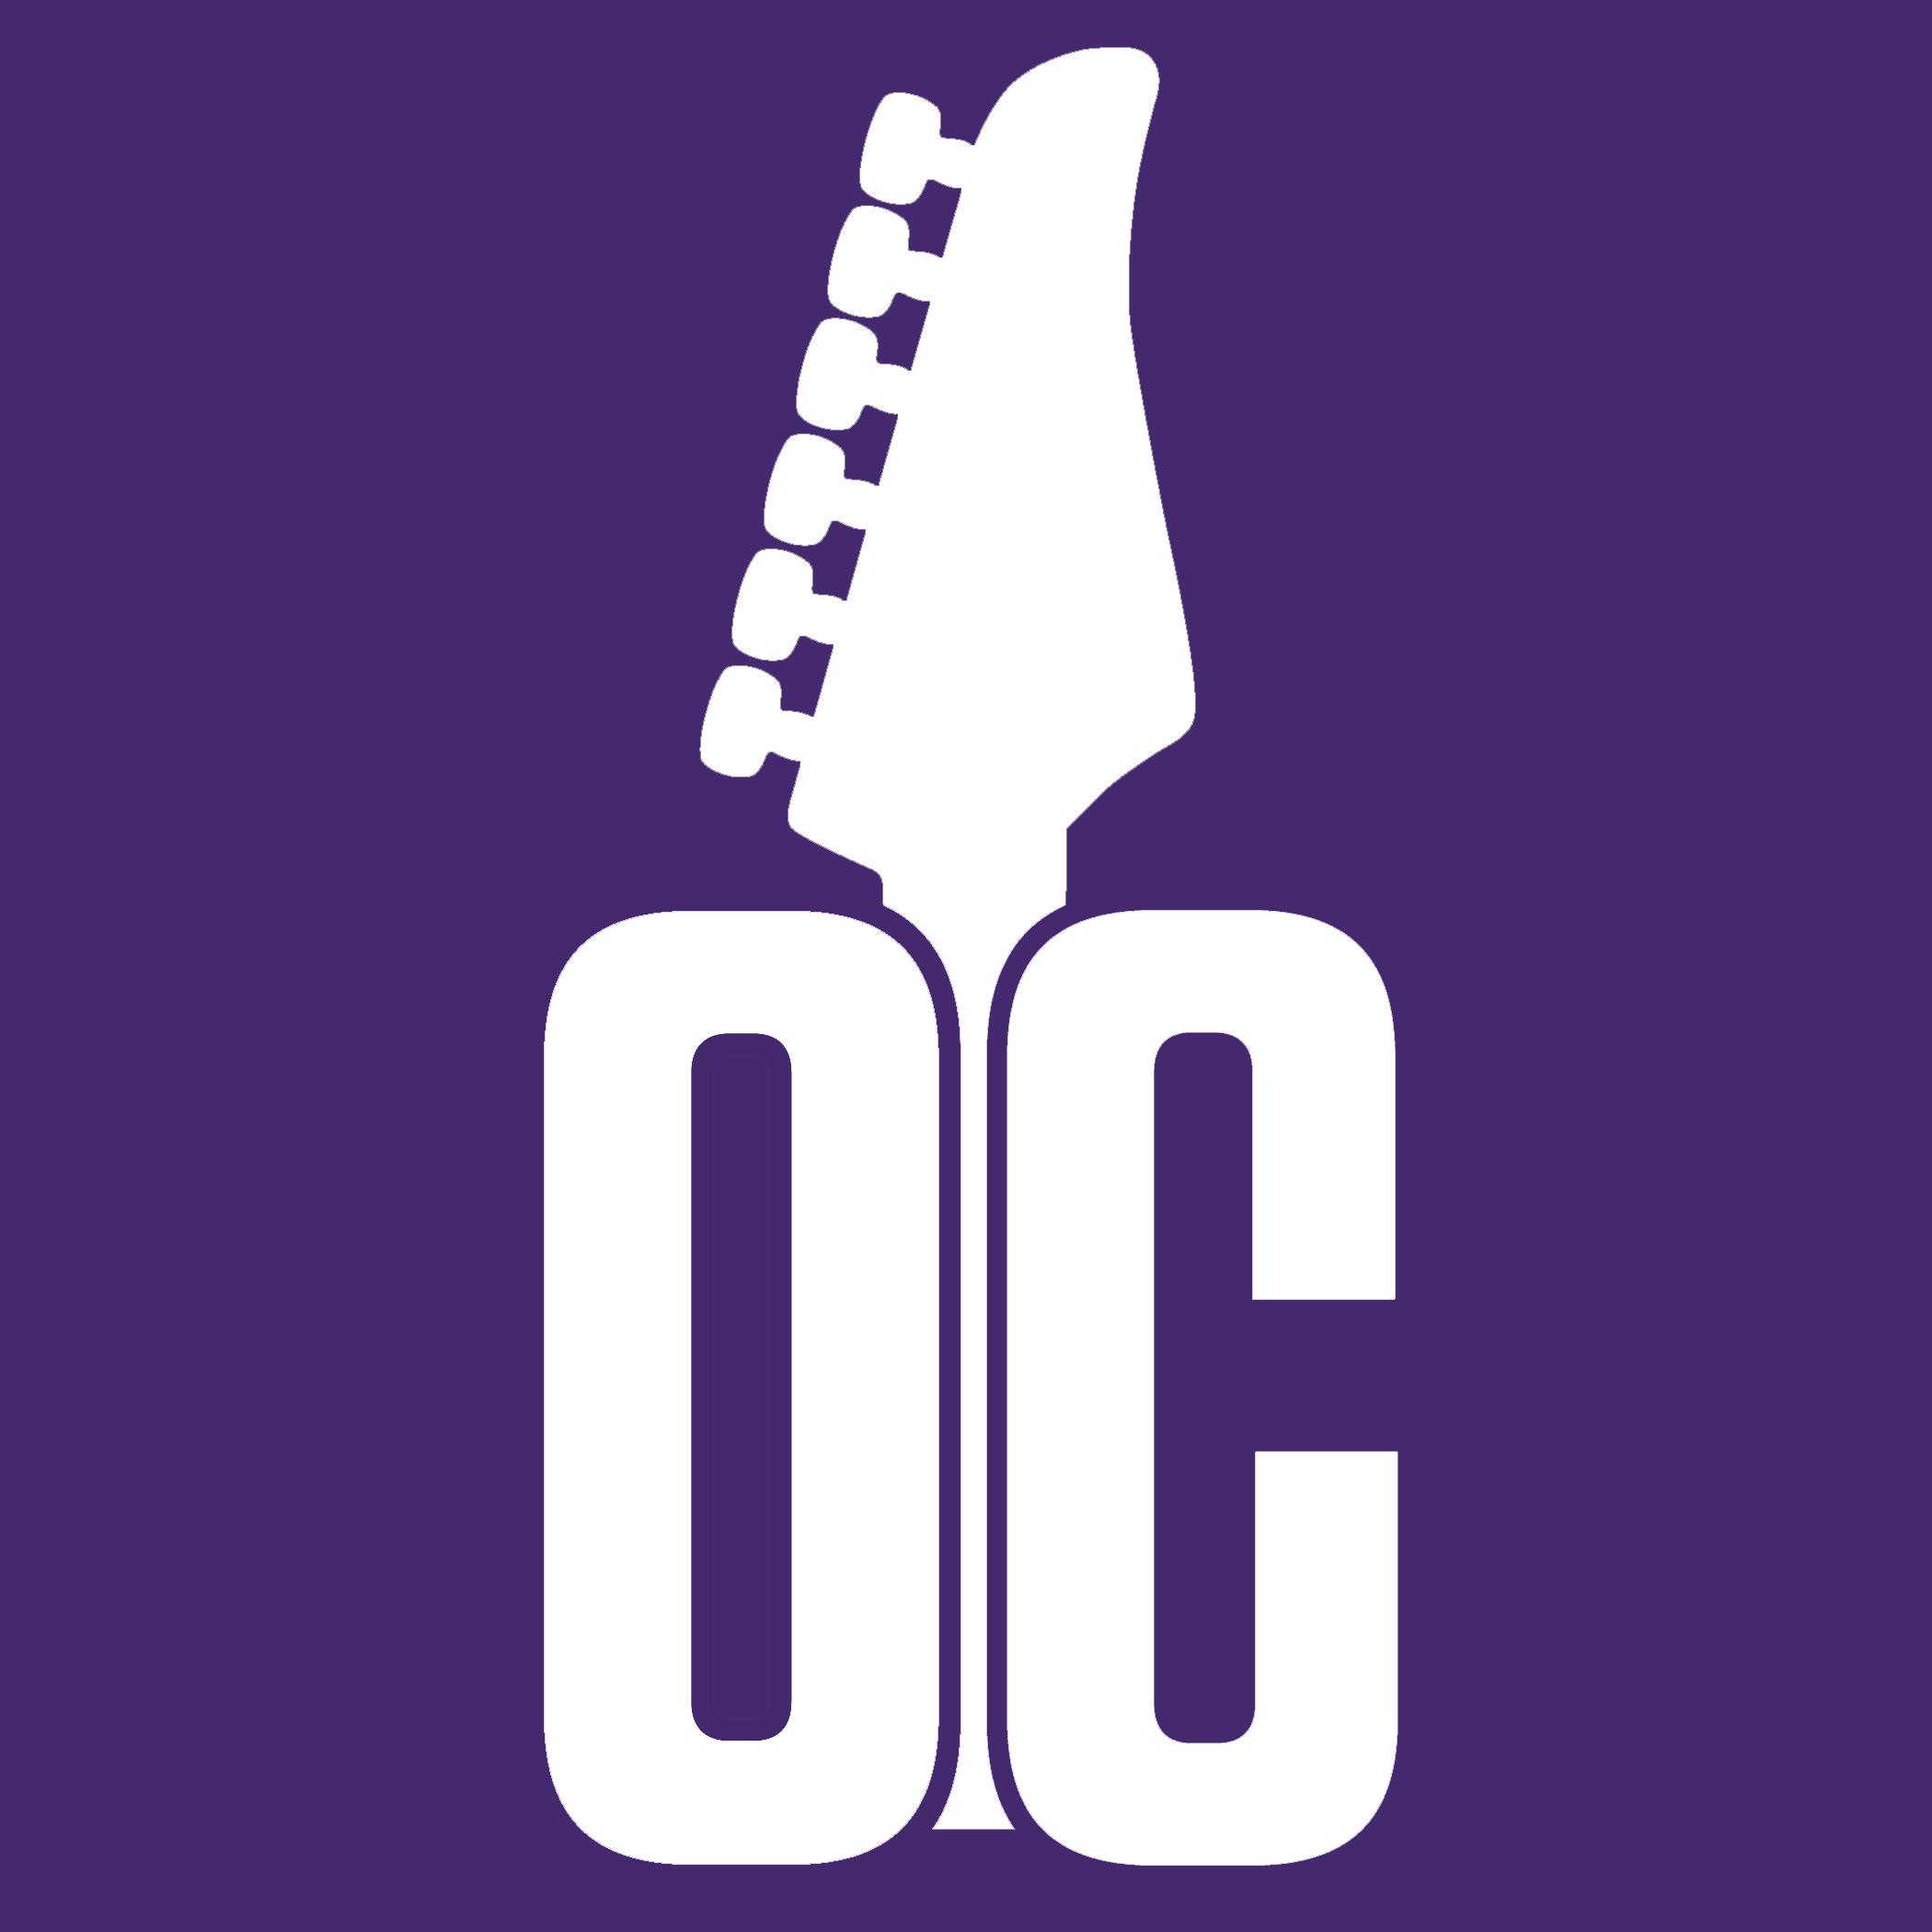 Event organizer logo